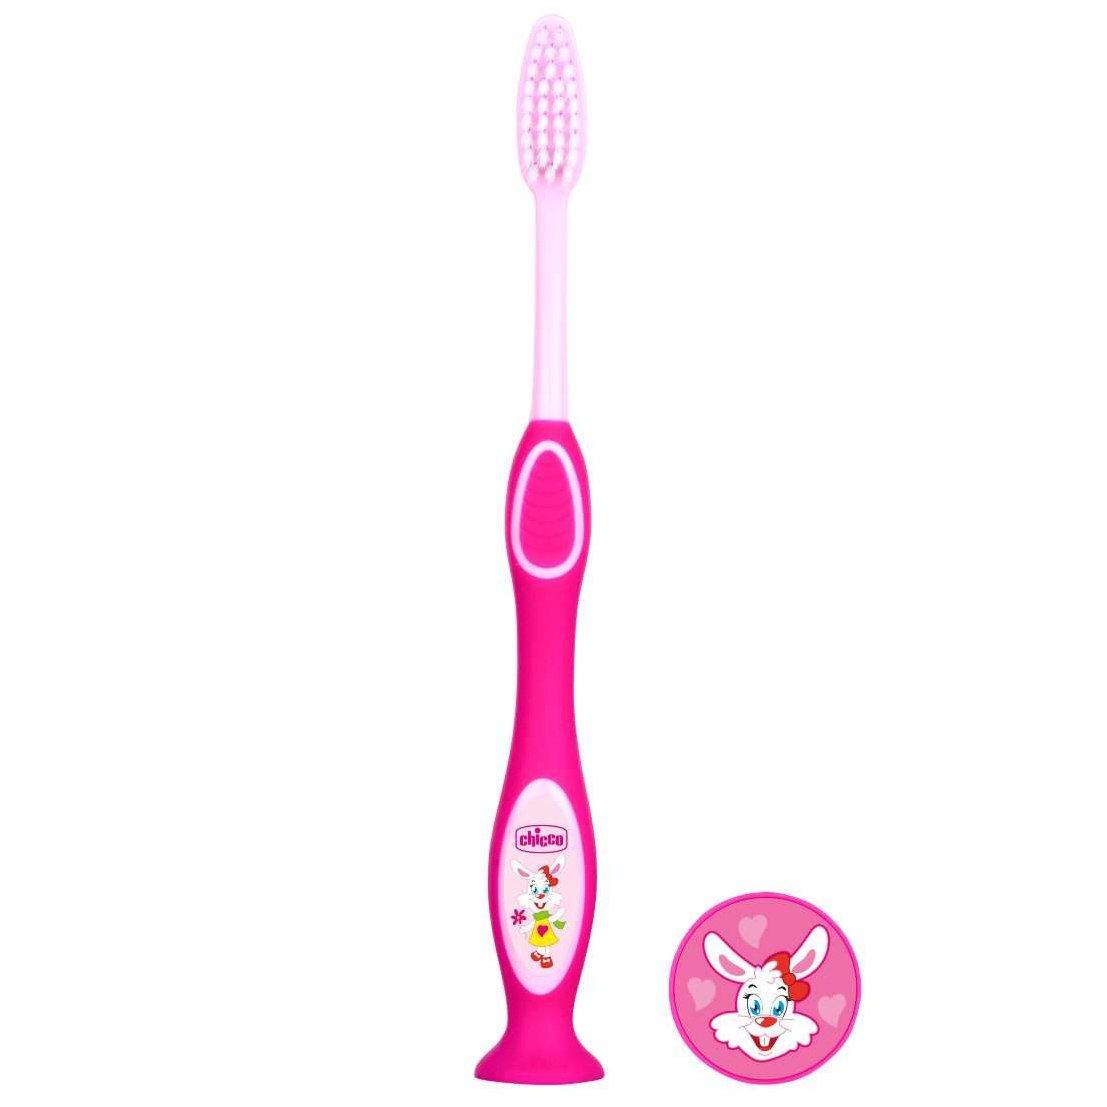 Chicco Milk Teeth Toothbrush 3-6 Years Παιδική Οδοντόβουρτσα Ιδανική για τα Πρώτα Νεογιλά Δόντια 1 Τεμάχιο – ροζ